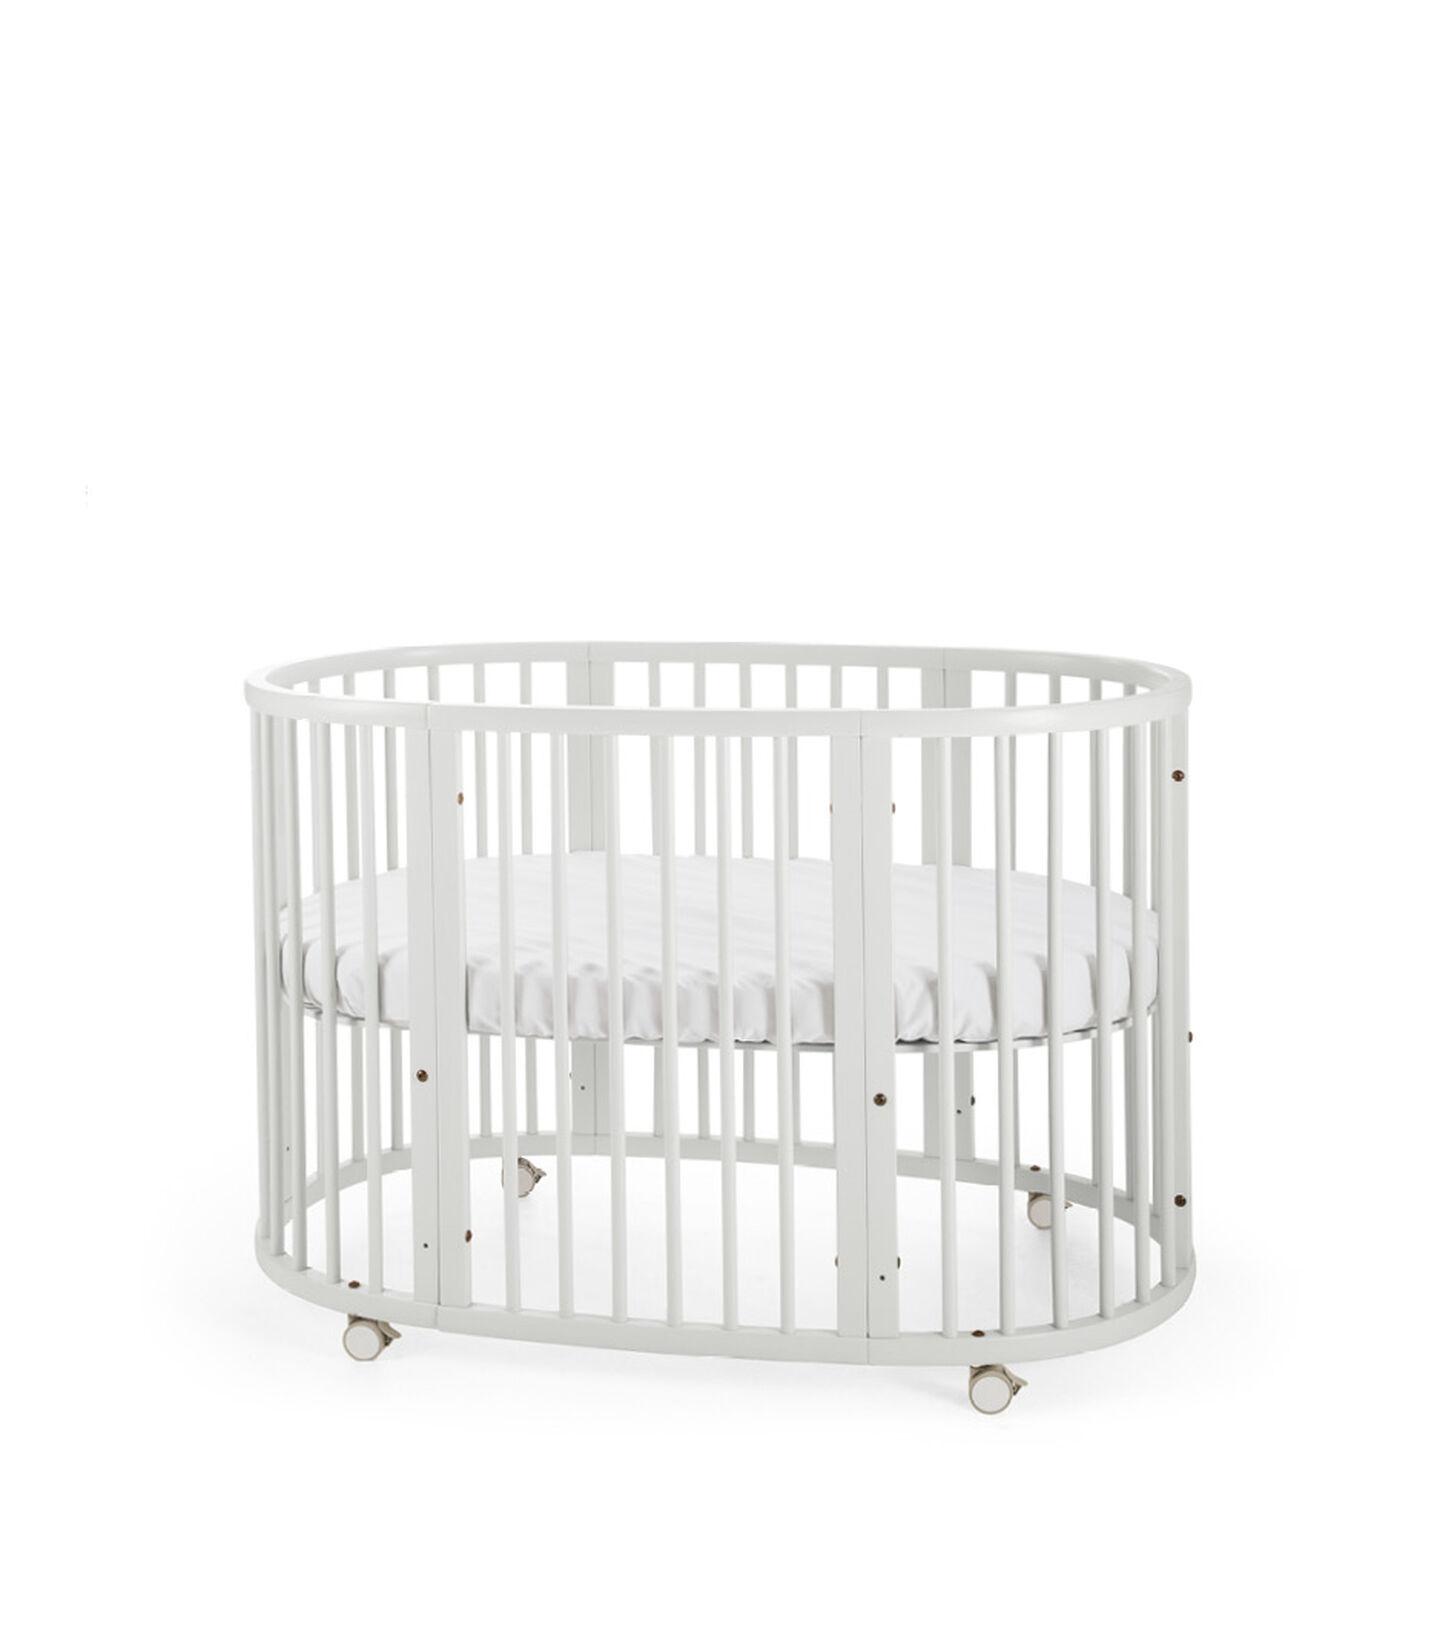 Stokke® Sleepi™ Seng White, White, mainview view 1